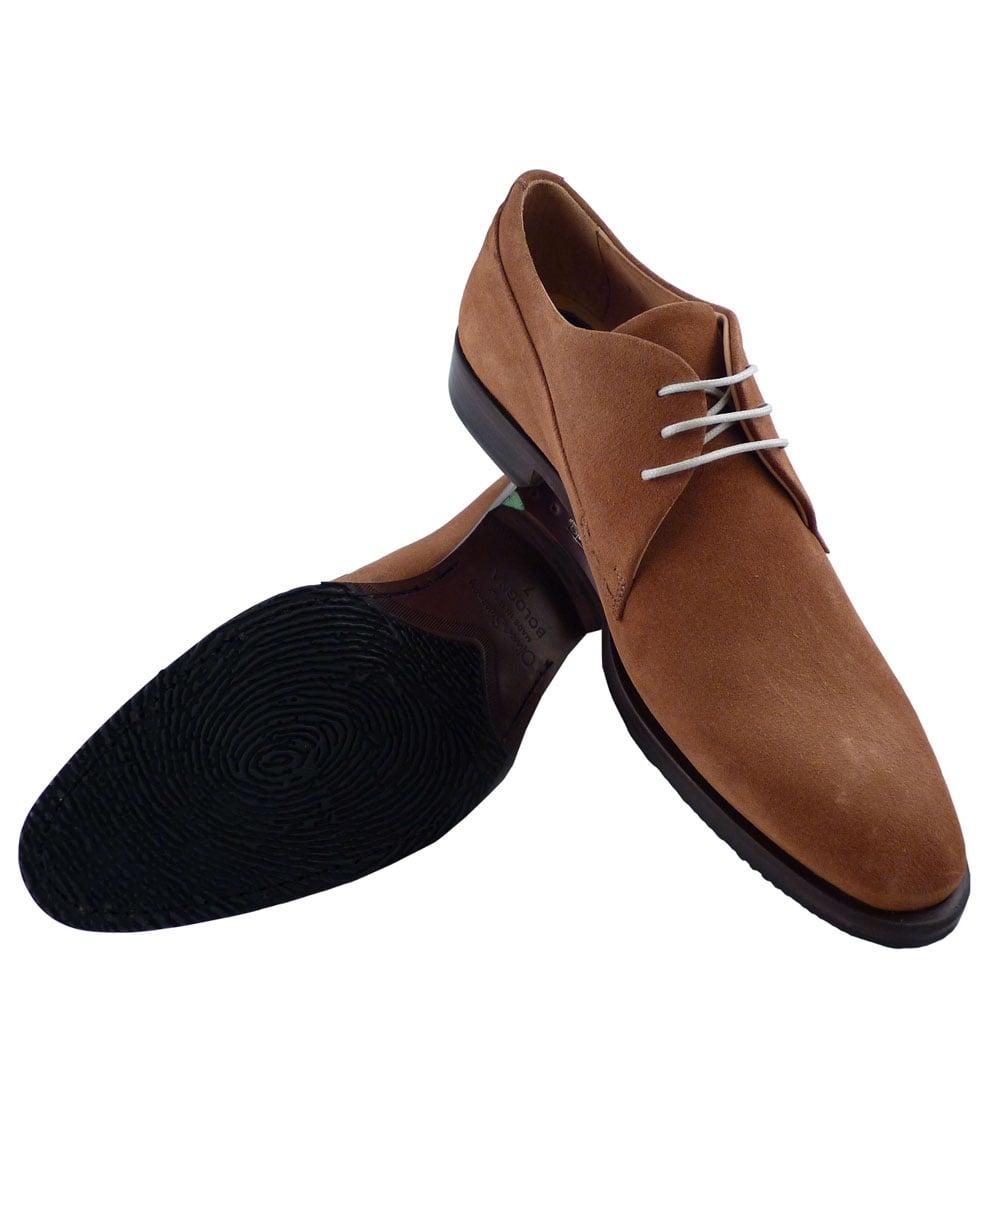 oliver sweeney bellante snuff suede formal shoe oliver